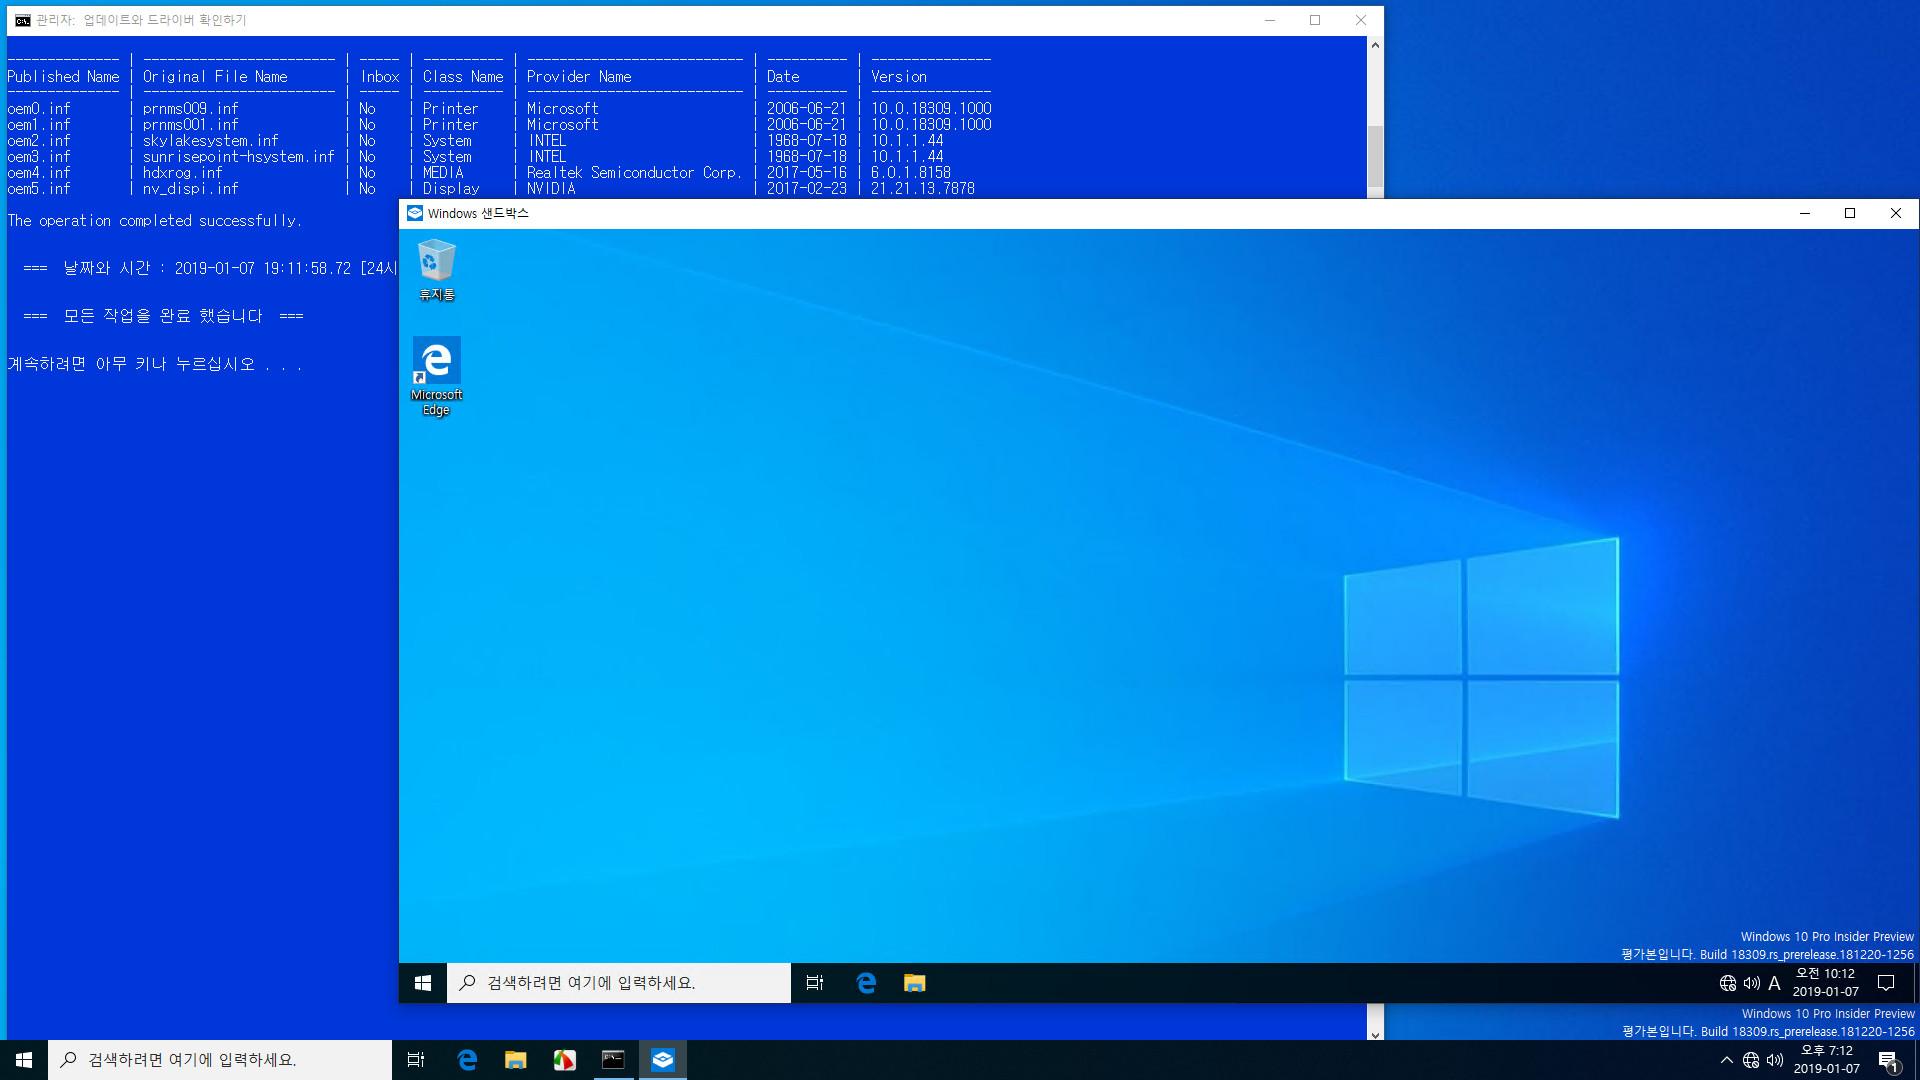 윈도10 19H1 인사이더 프리뷰 18309.1000 빌드 나왔네요 - 실컴에서 Windows Sandbox 테스트 - 어떤 드라이버가 충돌을 일으키는지 확인 테스트4 [윈도에 내장된 랜드라이버 제거] - 3번째 for 구문과 사용권한 획득으로 내장 랜 드라이버들 삭제 성공함 2019-01-07_191231.jpg